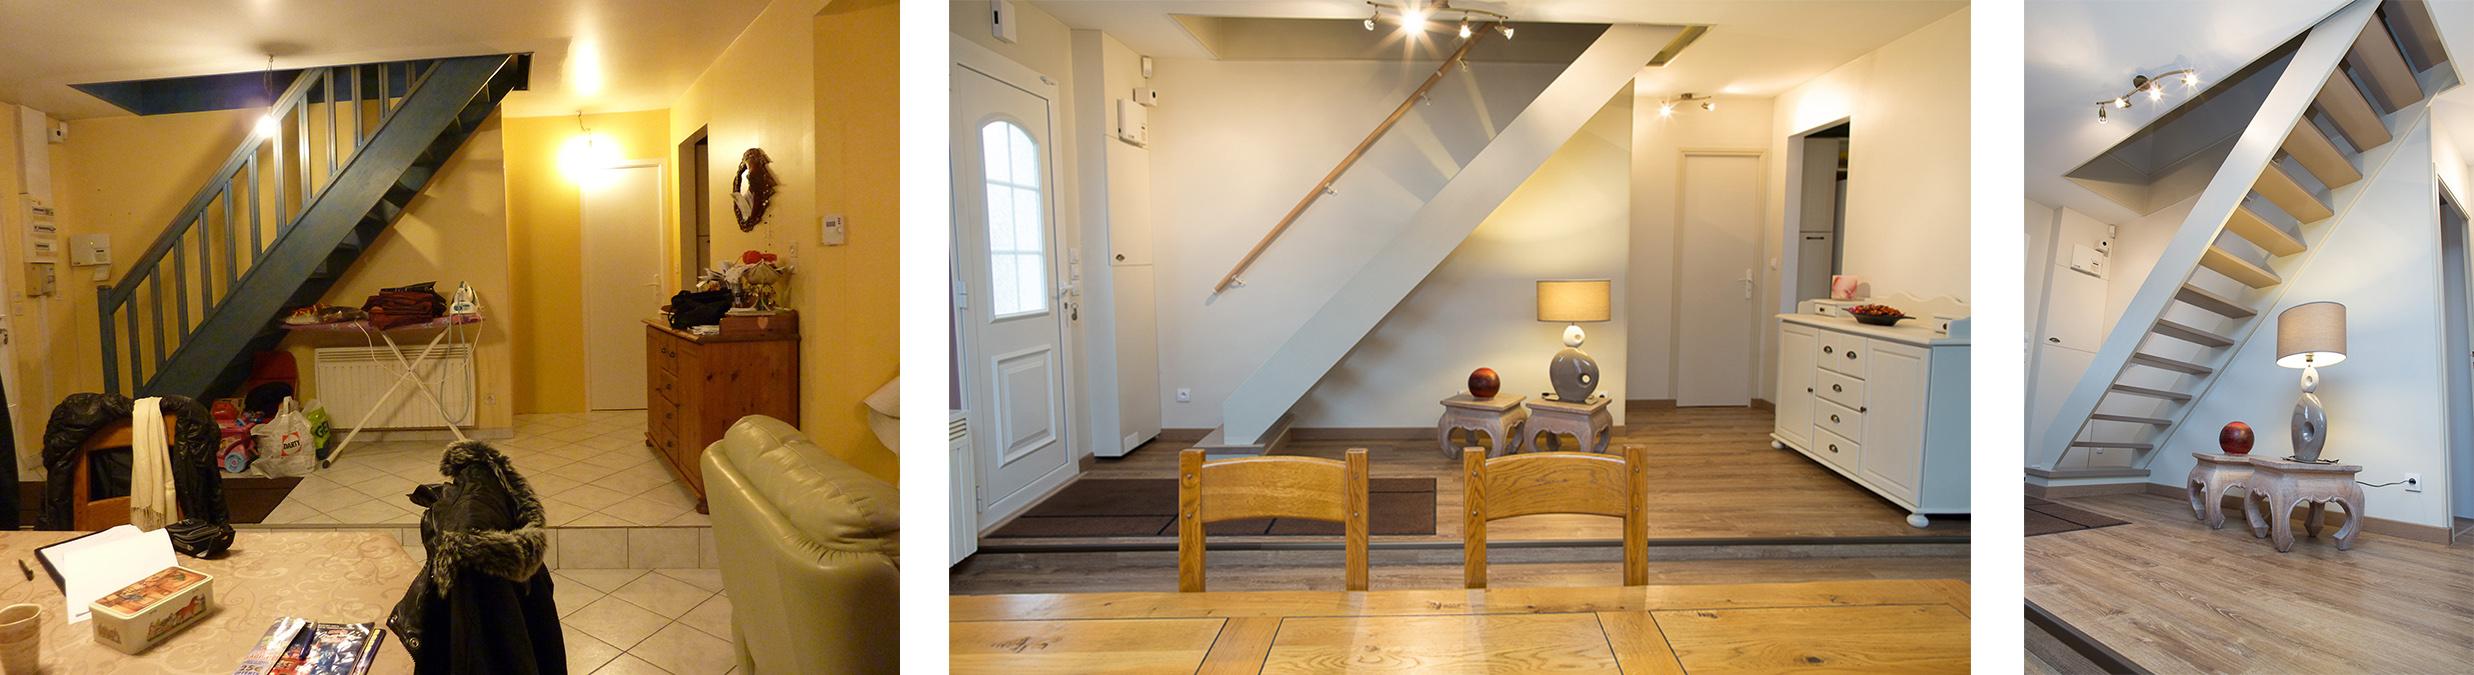 11 - modification et peinture escalier val d'oise